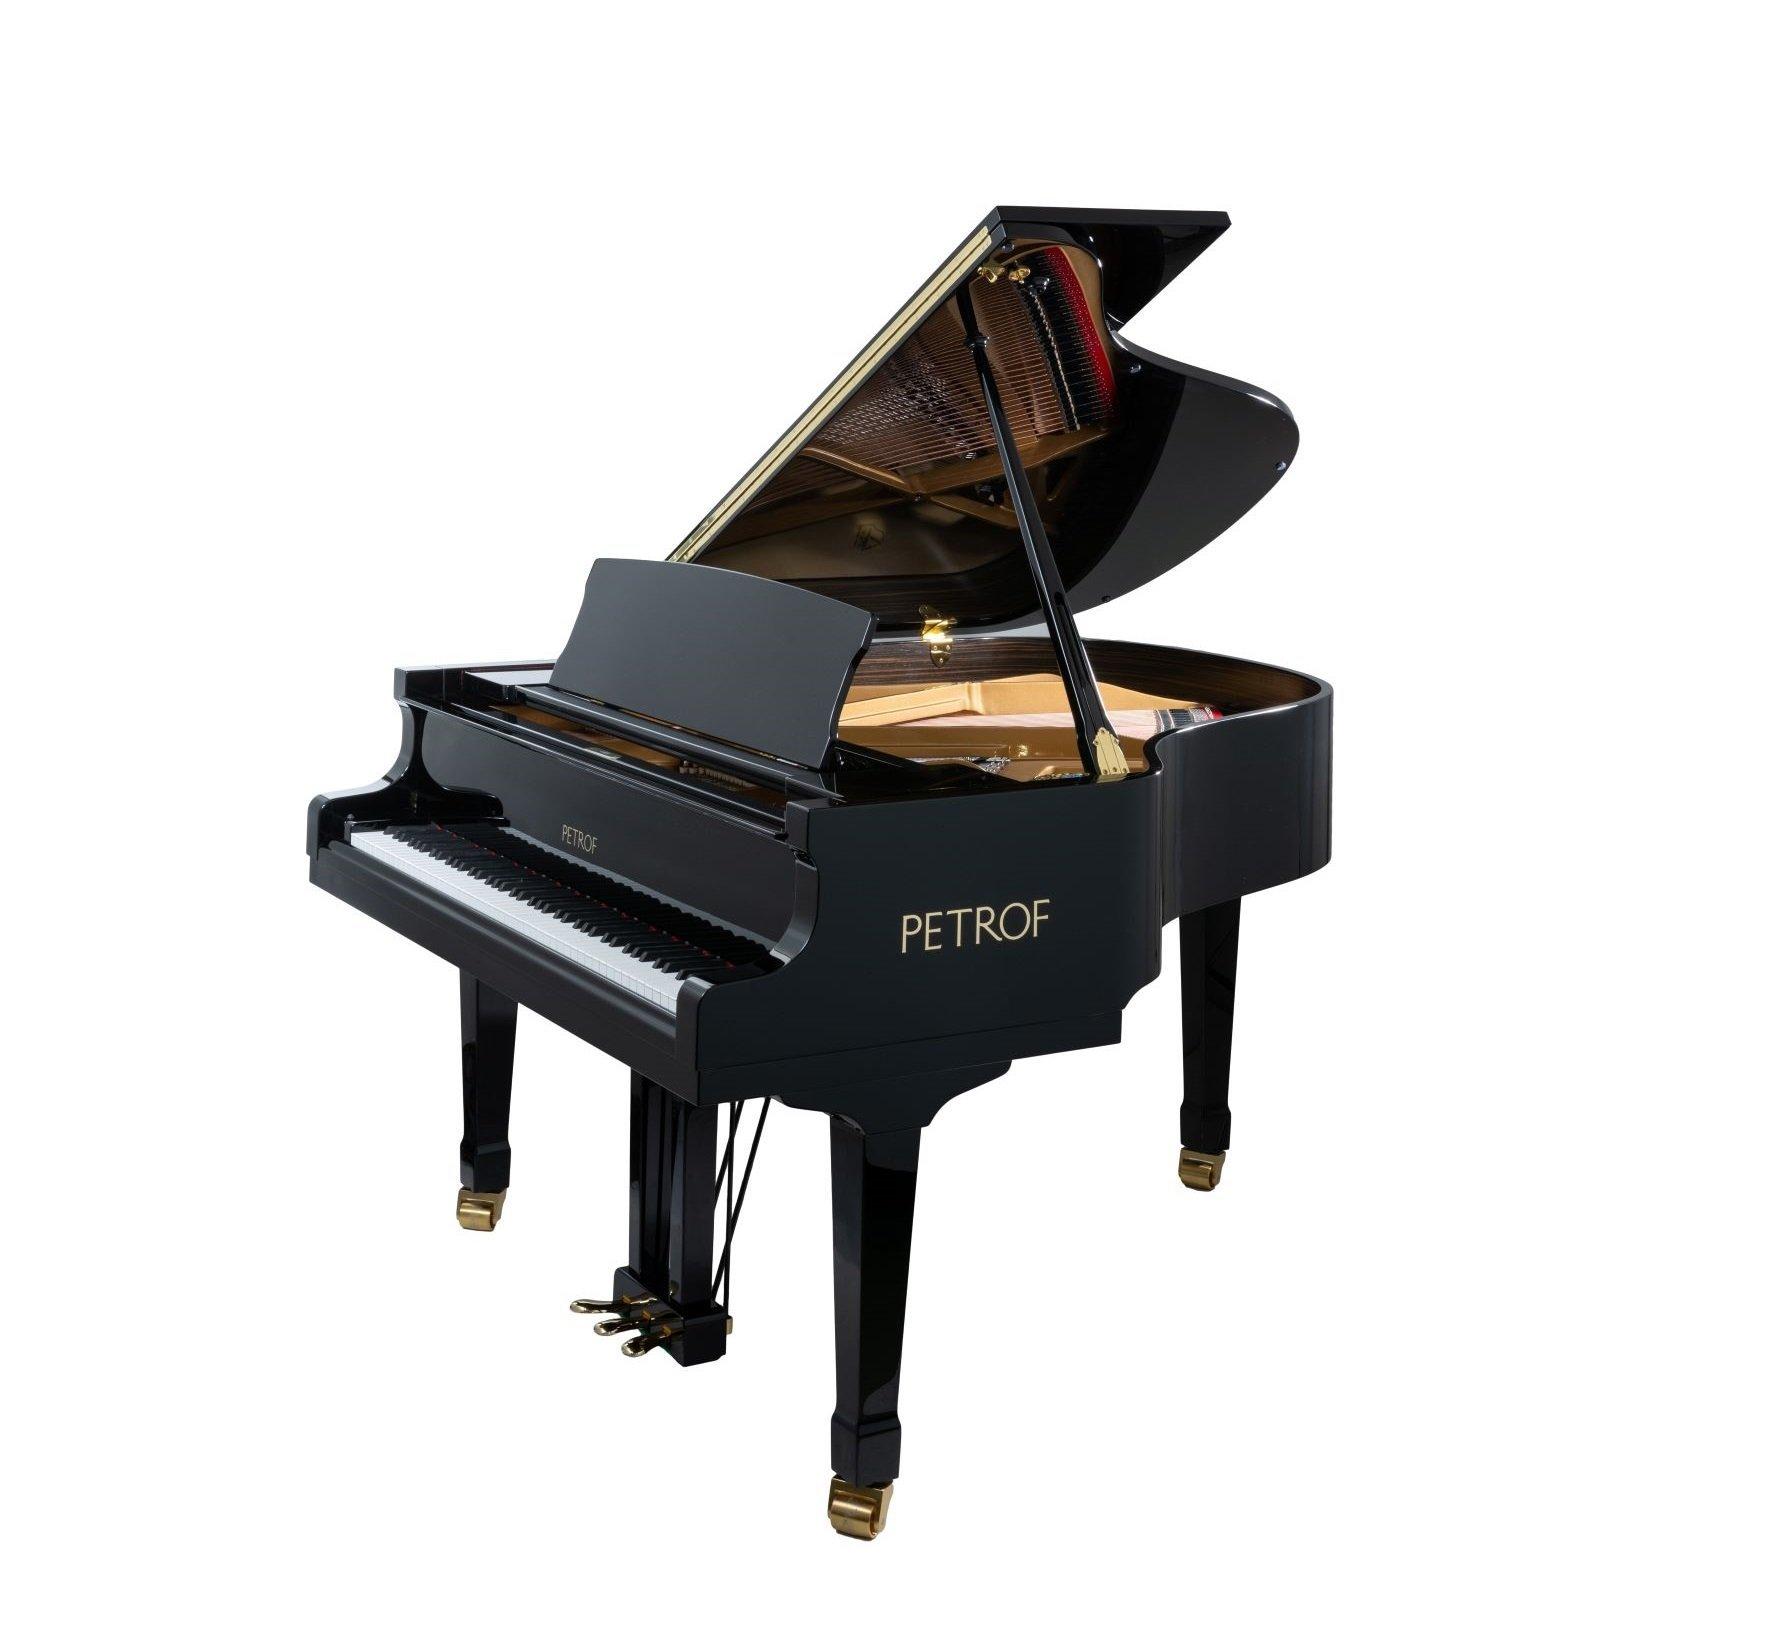 petrof-pianoforte-coda-180-usato-piatino